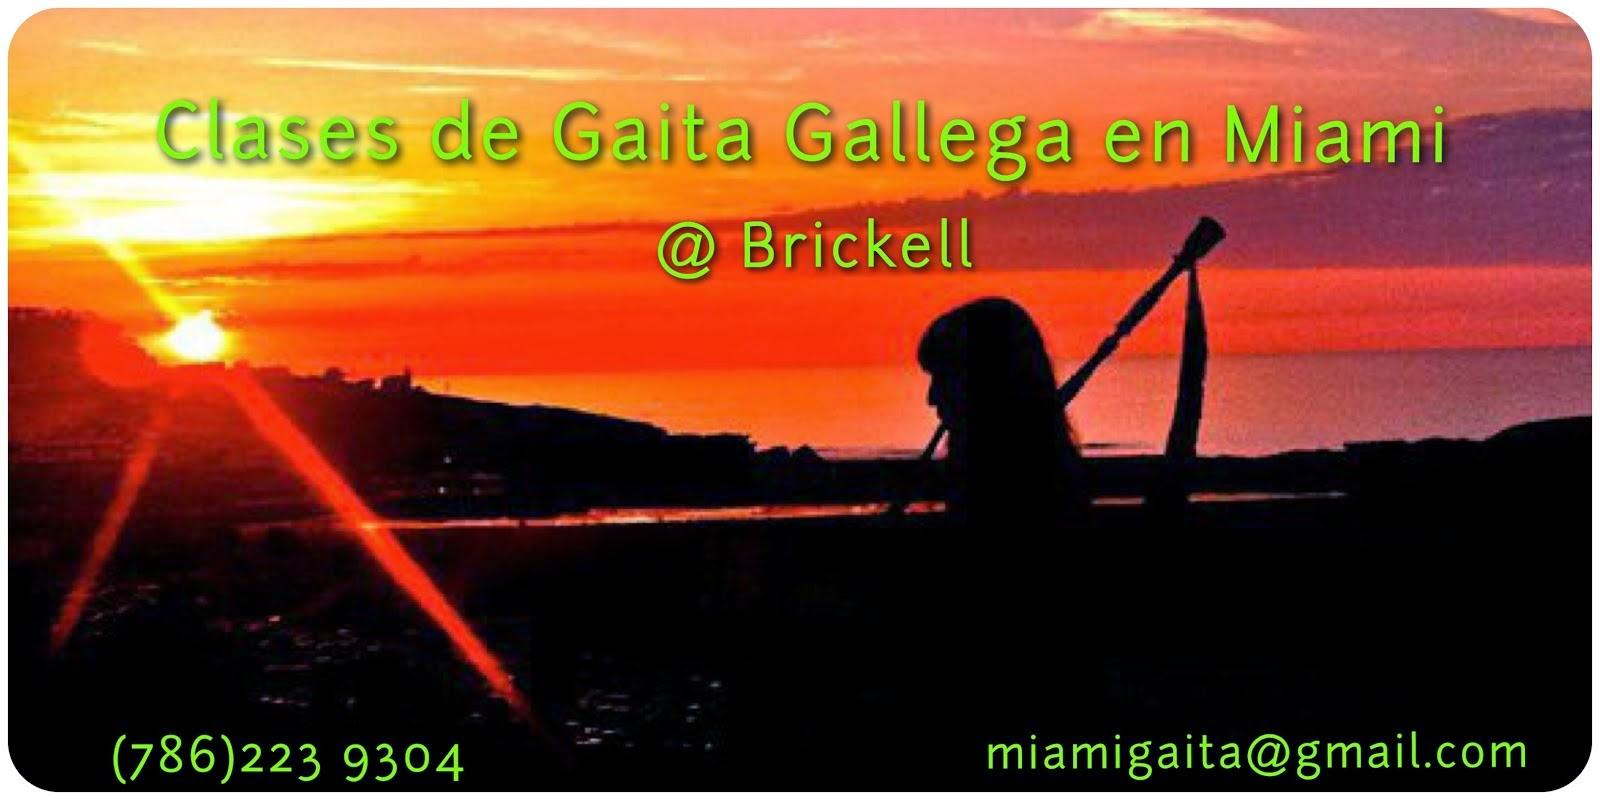 Clases de Gaita Gallega en Miami